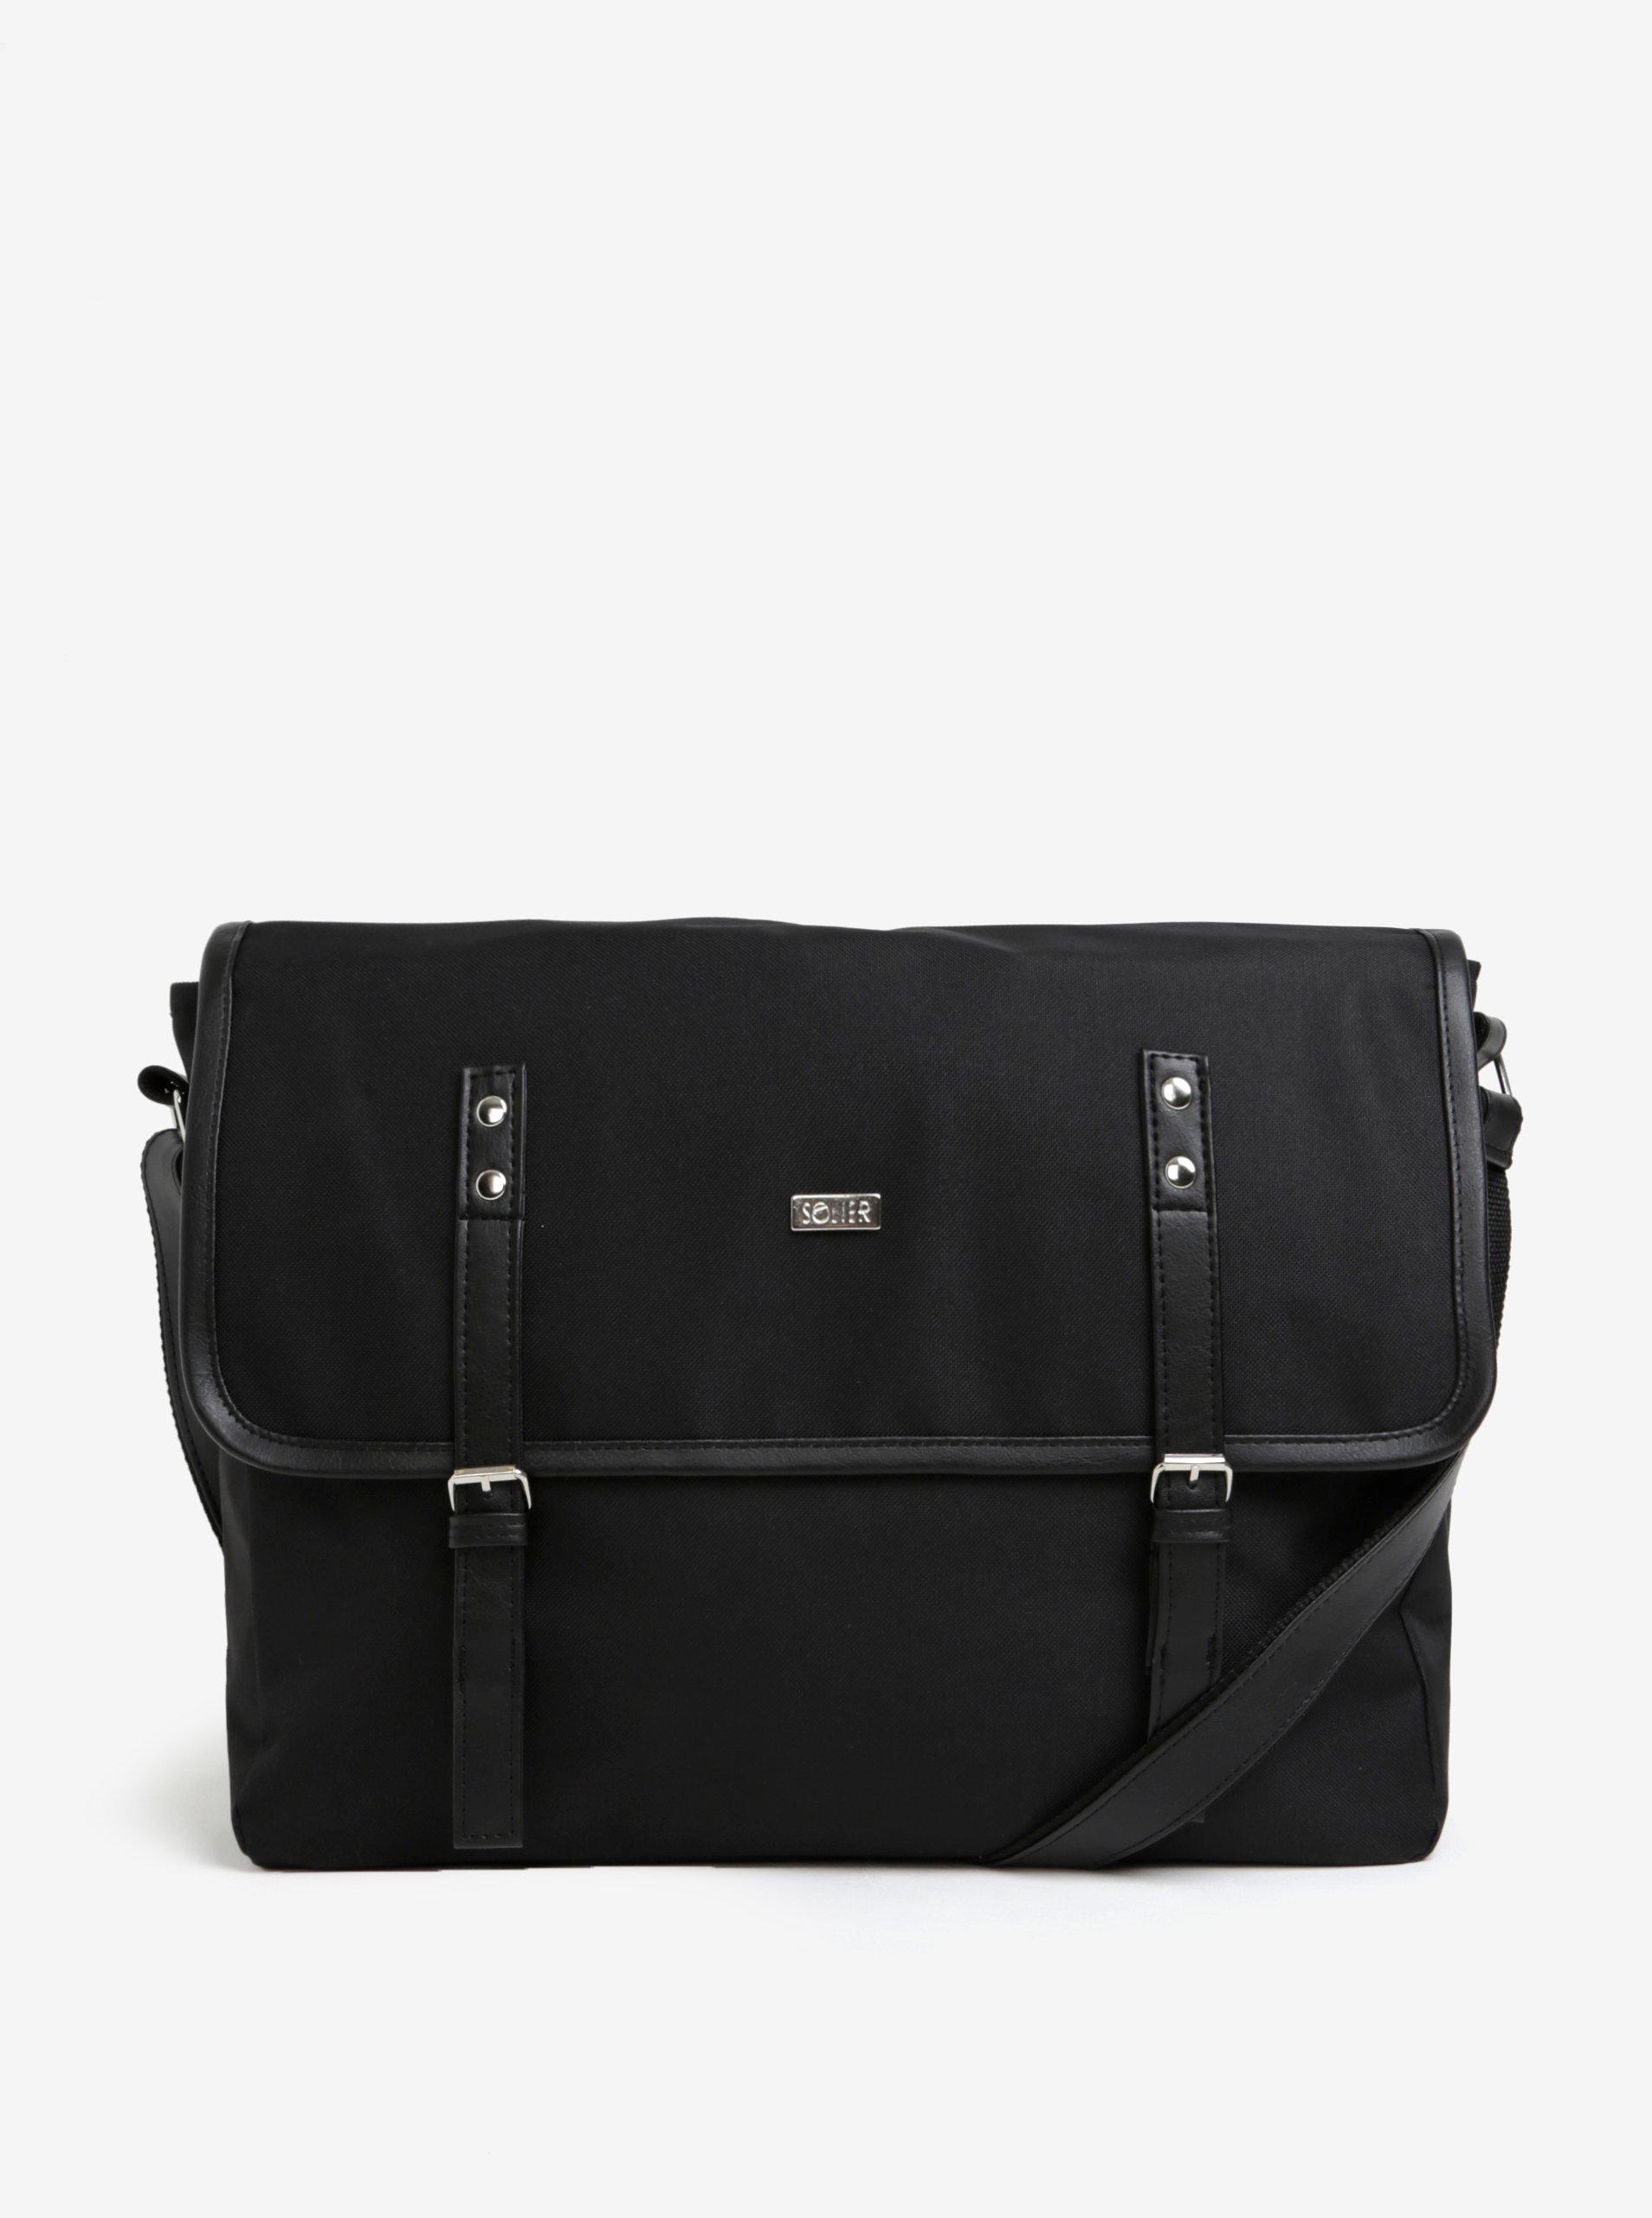 Čierna pánska taška Solier